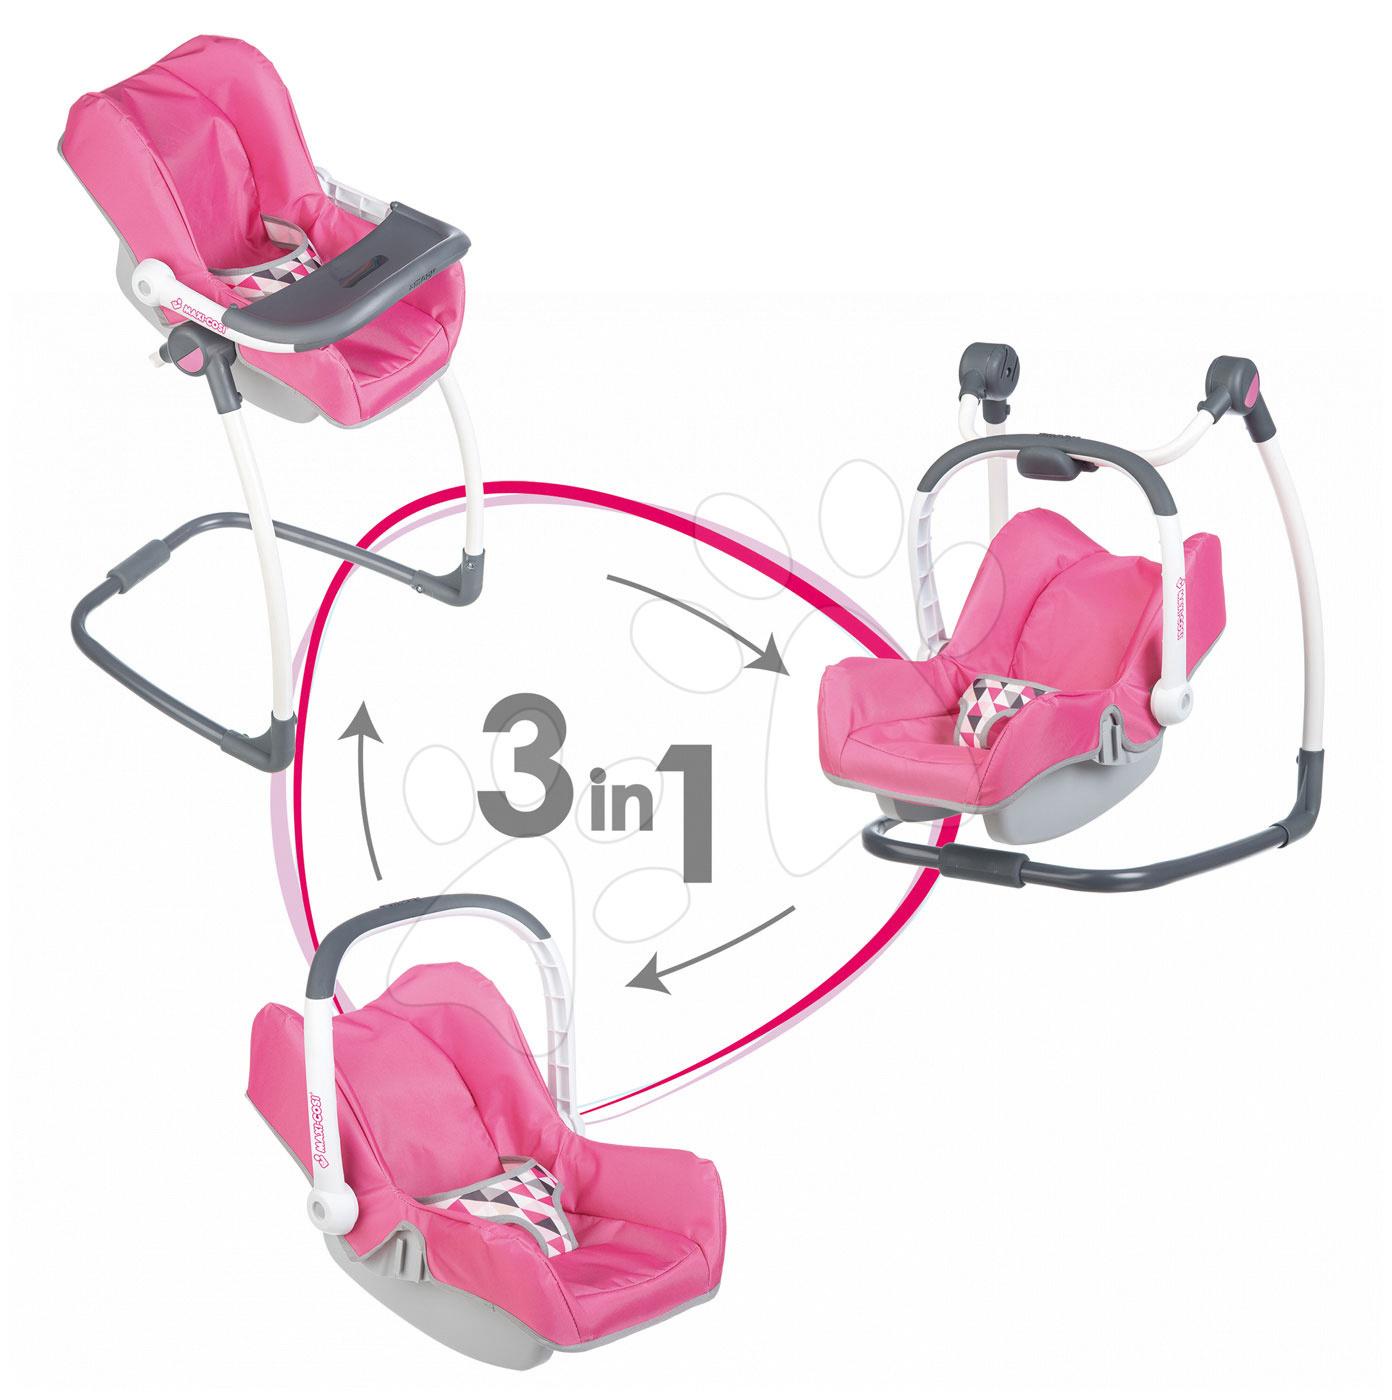 Sada houpačka, autosedačka a židle Maxi Cosi&Quinny Smoby pro panenku 3v1 retro růžová